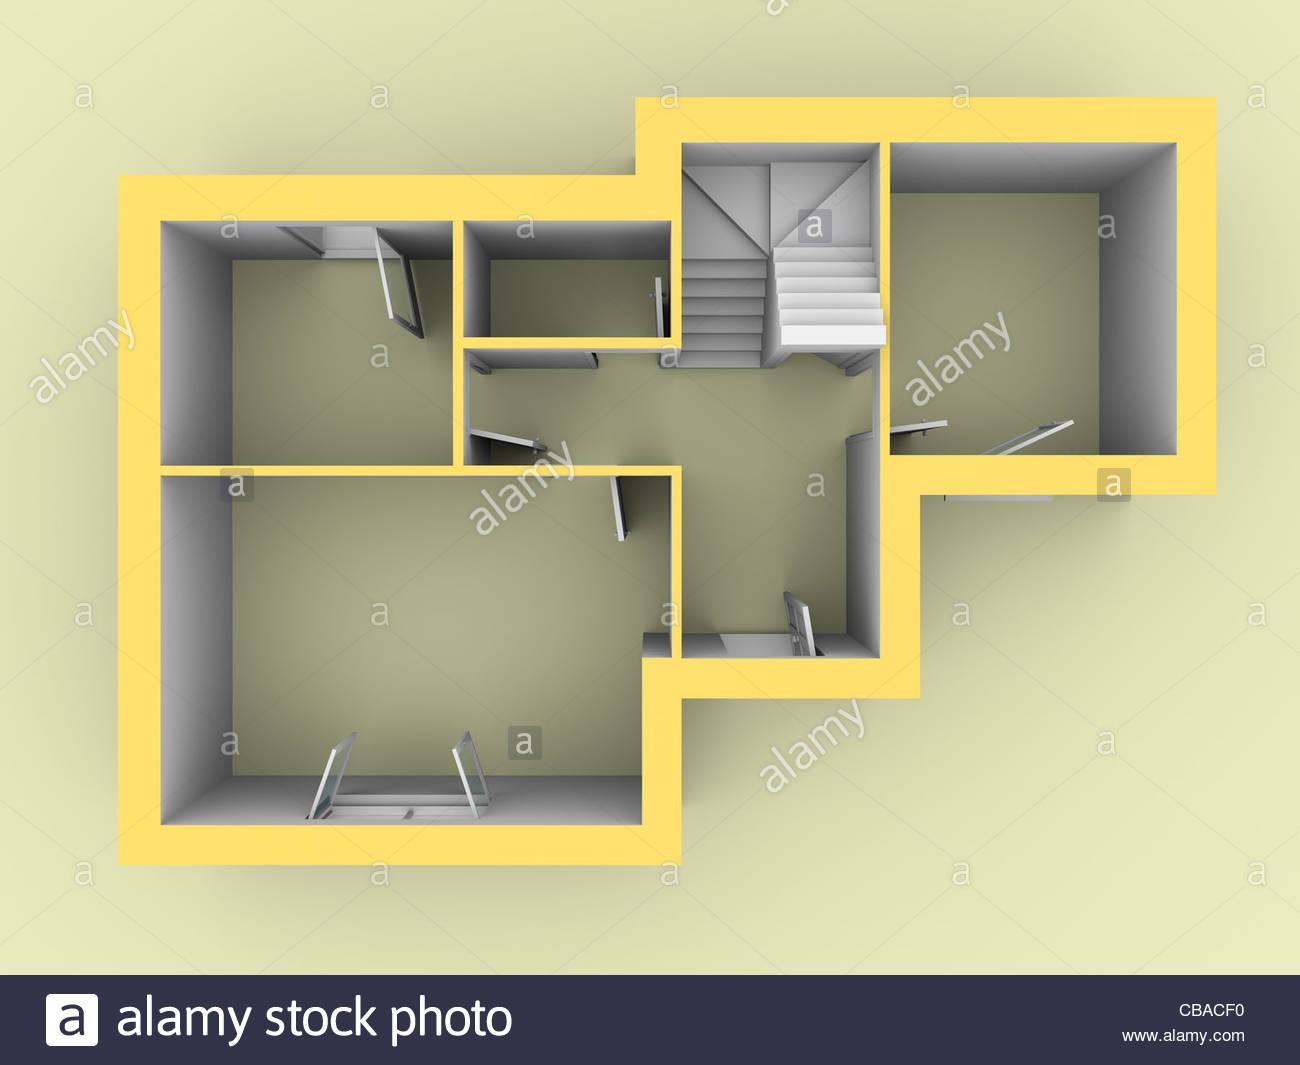 Modelo 3D de una casa como se ve desde la vista superior. Las puertas y ventanas están abiertas Imagen De Stock